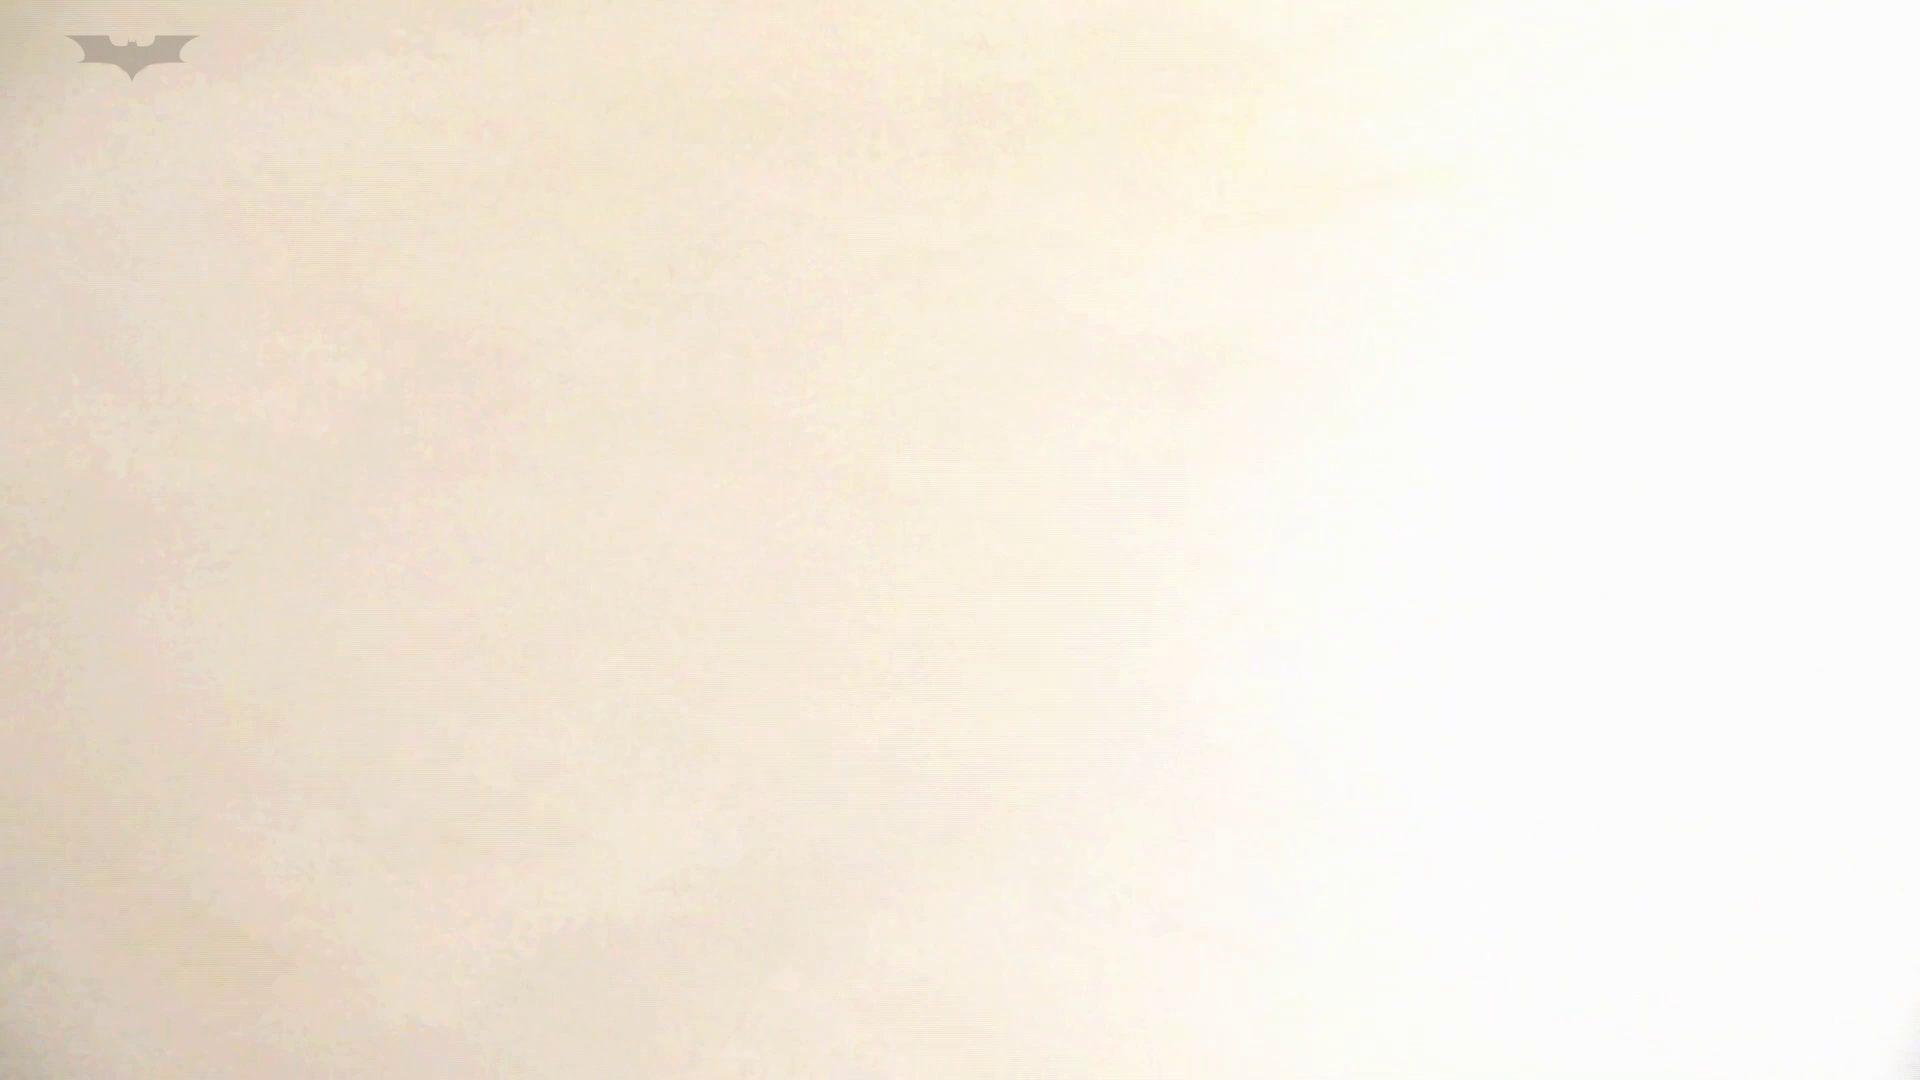 和式洋式七変化 Vol.30 こんなアンクル見たことありますか? 丸見え エロ無料画像 108枚 100